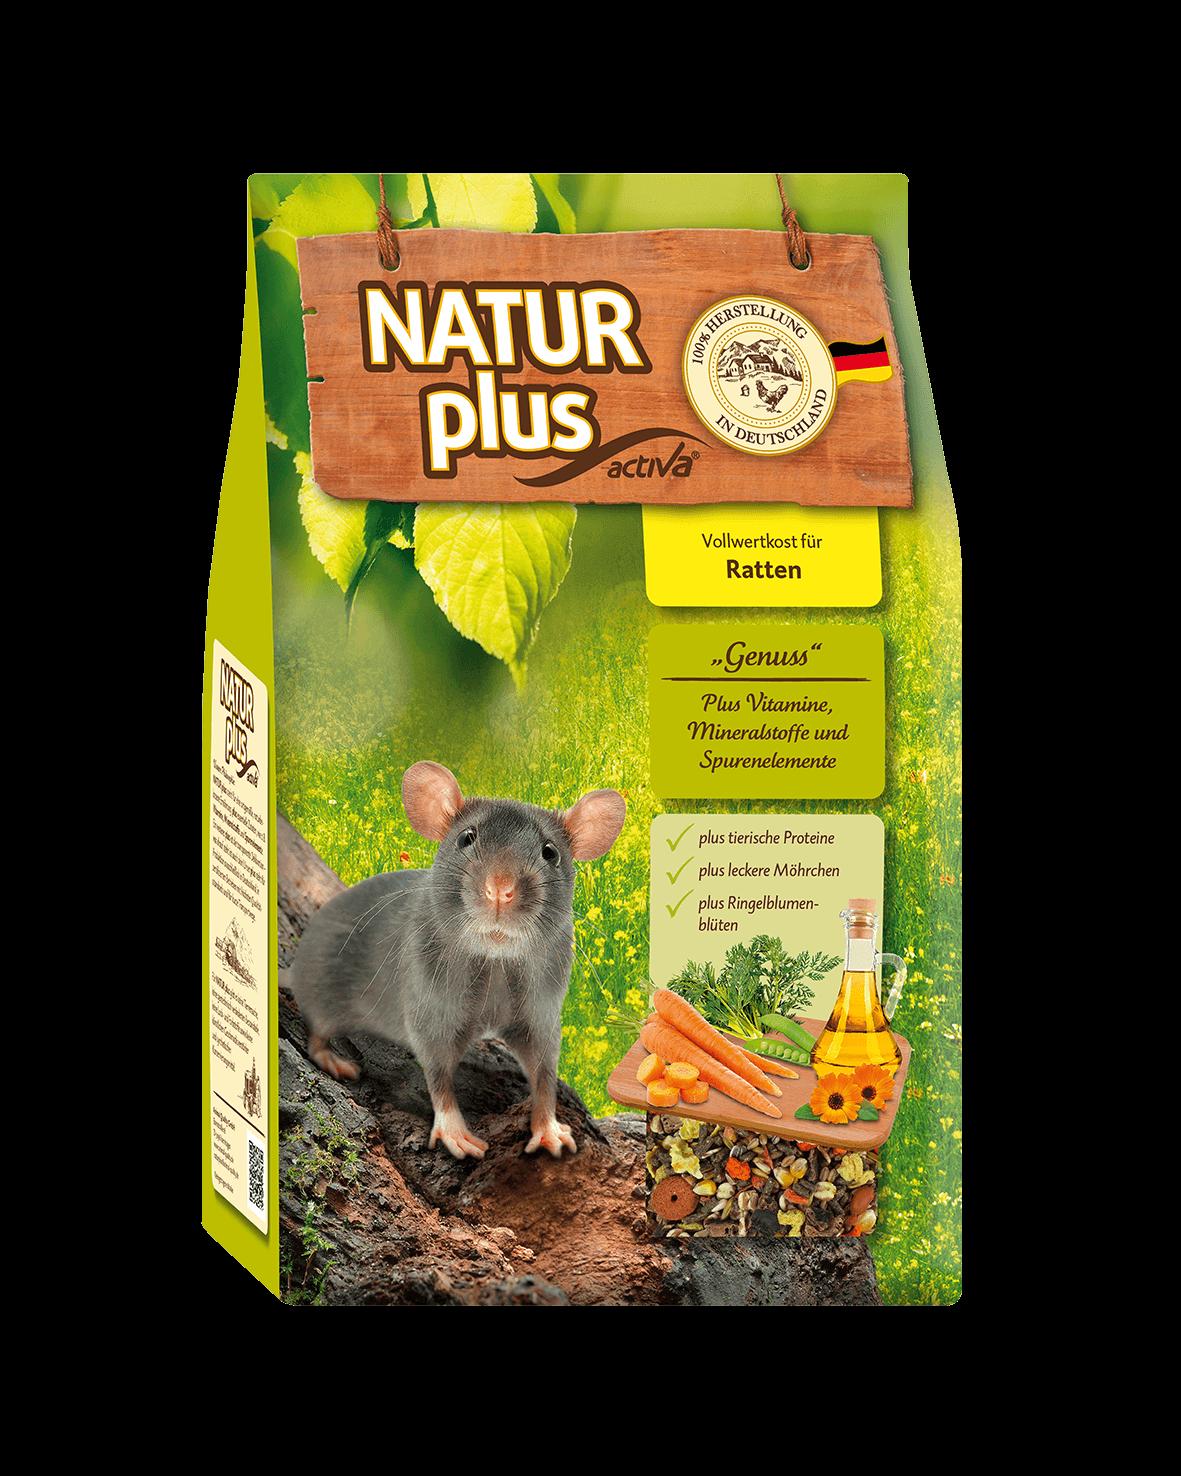 Natur plus Ratten